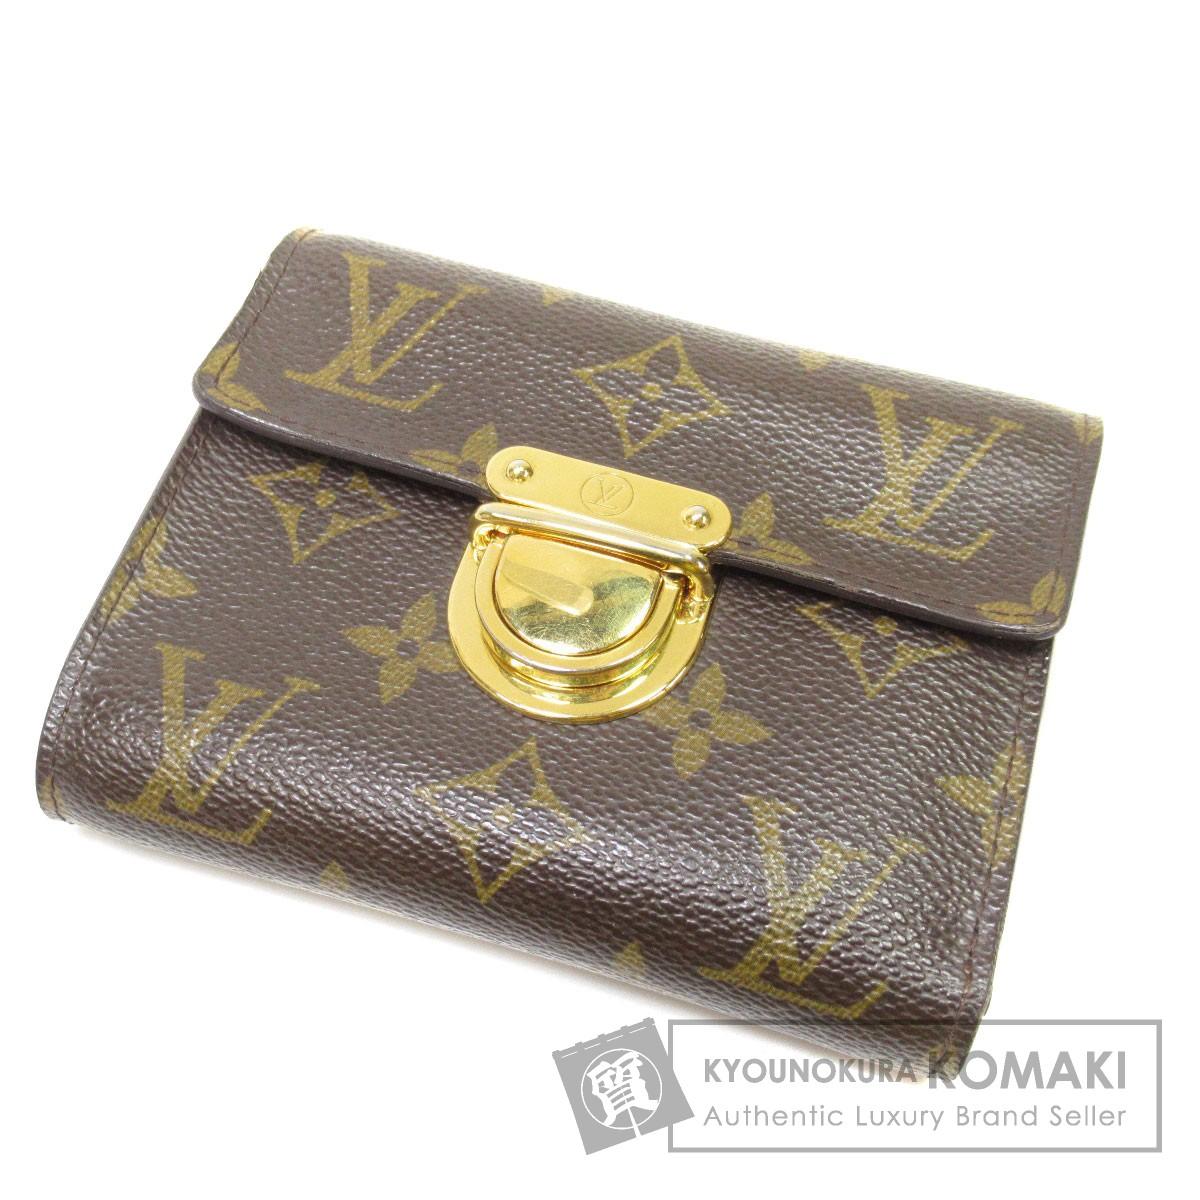 LOUIS VUITTON M58013 ポルトフォイユ・コアラ 二つ折り財布(小銭入れあり) モノグラムキャンバス レディース 【中古】【ルイ・ヴィトン】